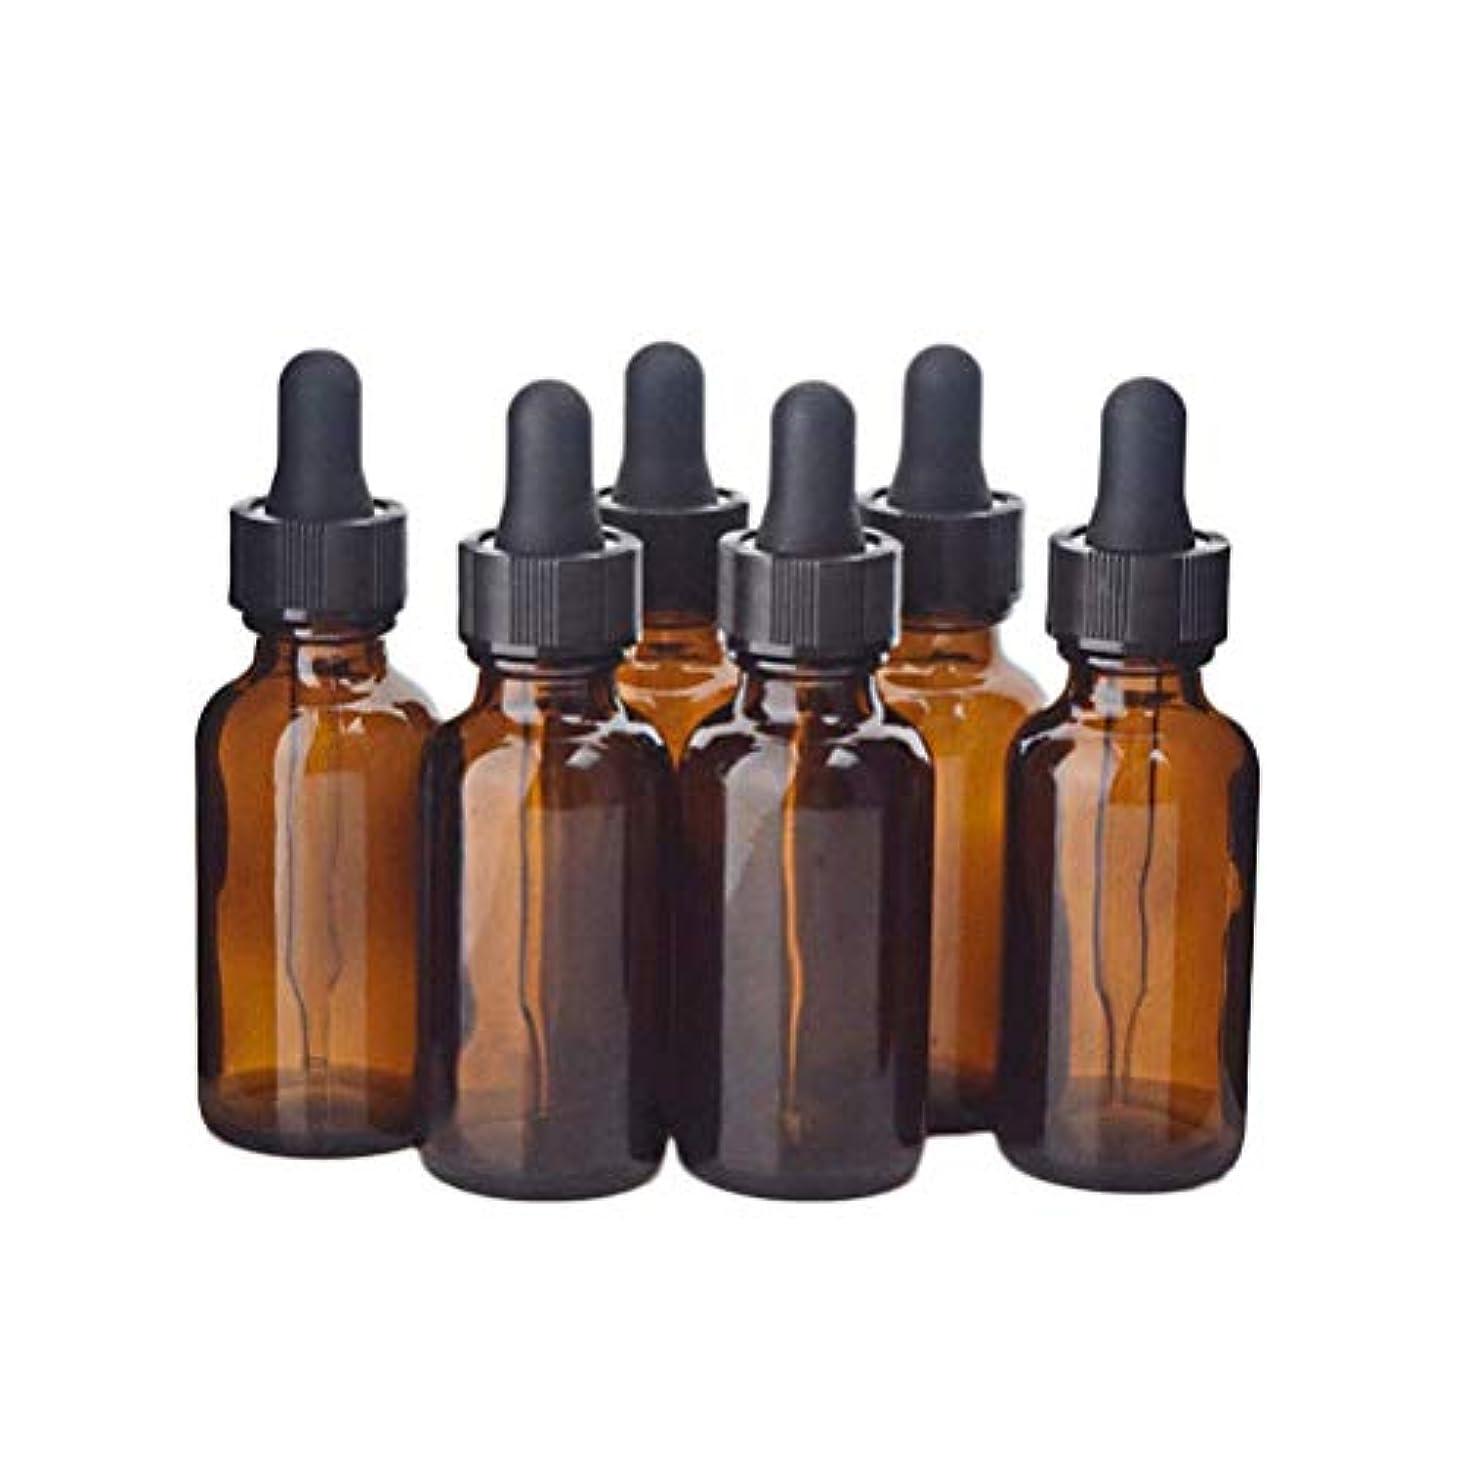 誓う廃棄する放つ遮光瓶 アロマオイル 精油 香水やアロマの保存 小分け用 遮光瓶 30ml 12本セット茶色